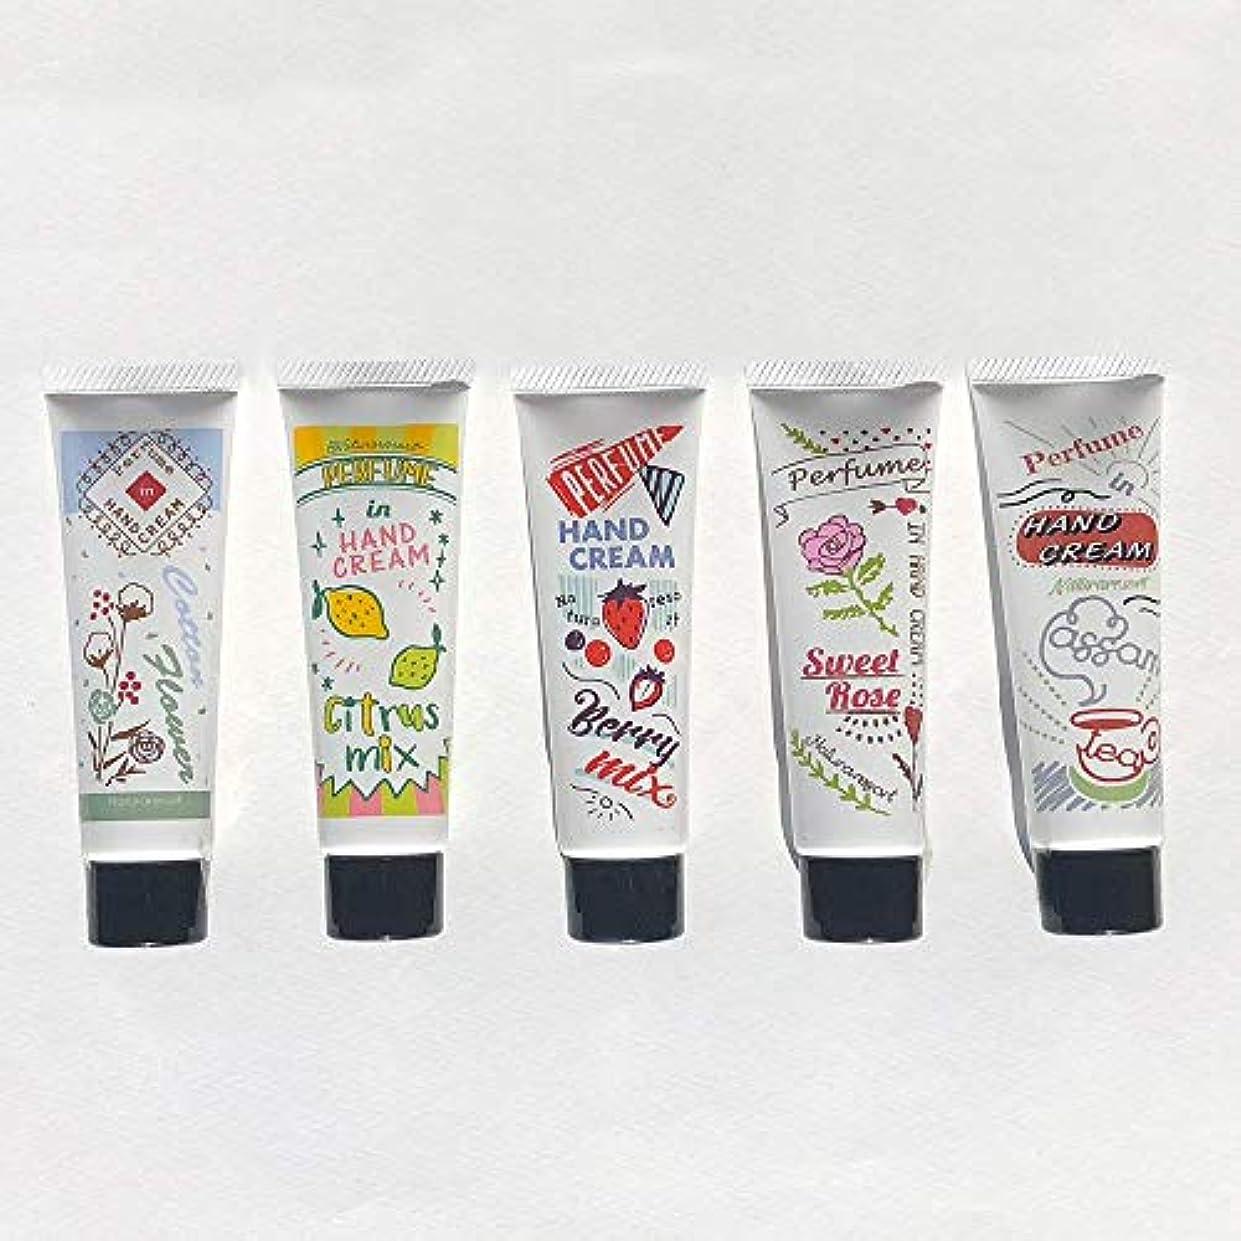 理想的ビジュアル独特の【香りをまぜてオリジナルの香りを楽しめる!】パフュームインハンドクリーム5本セット